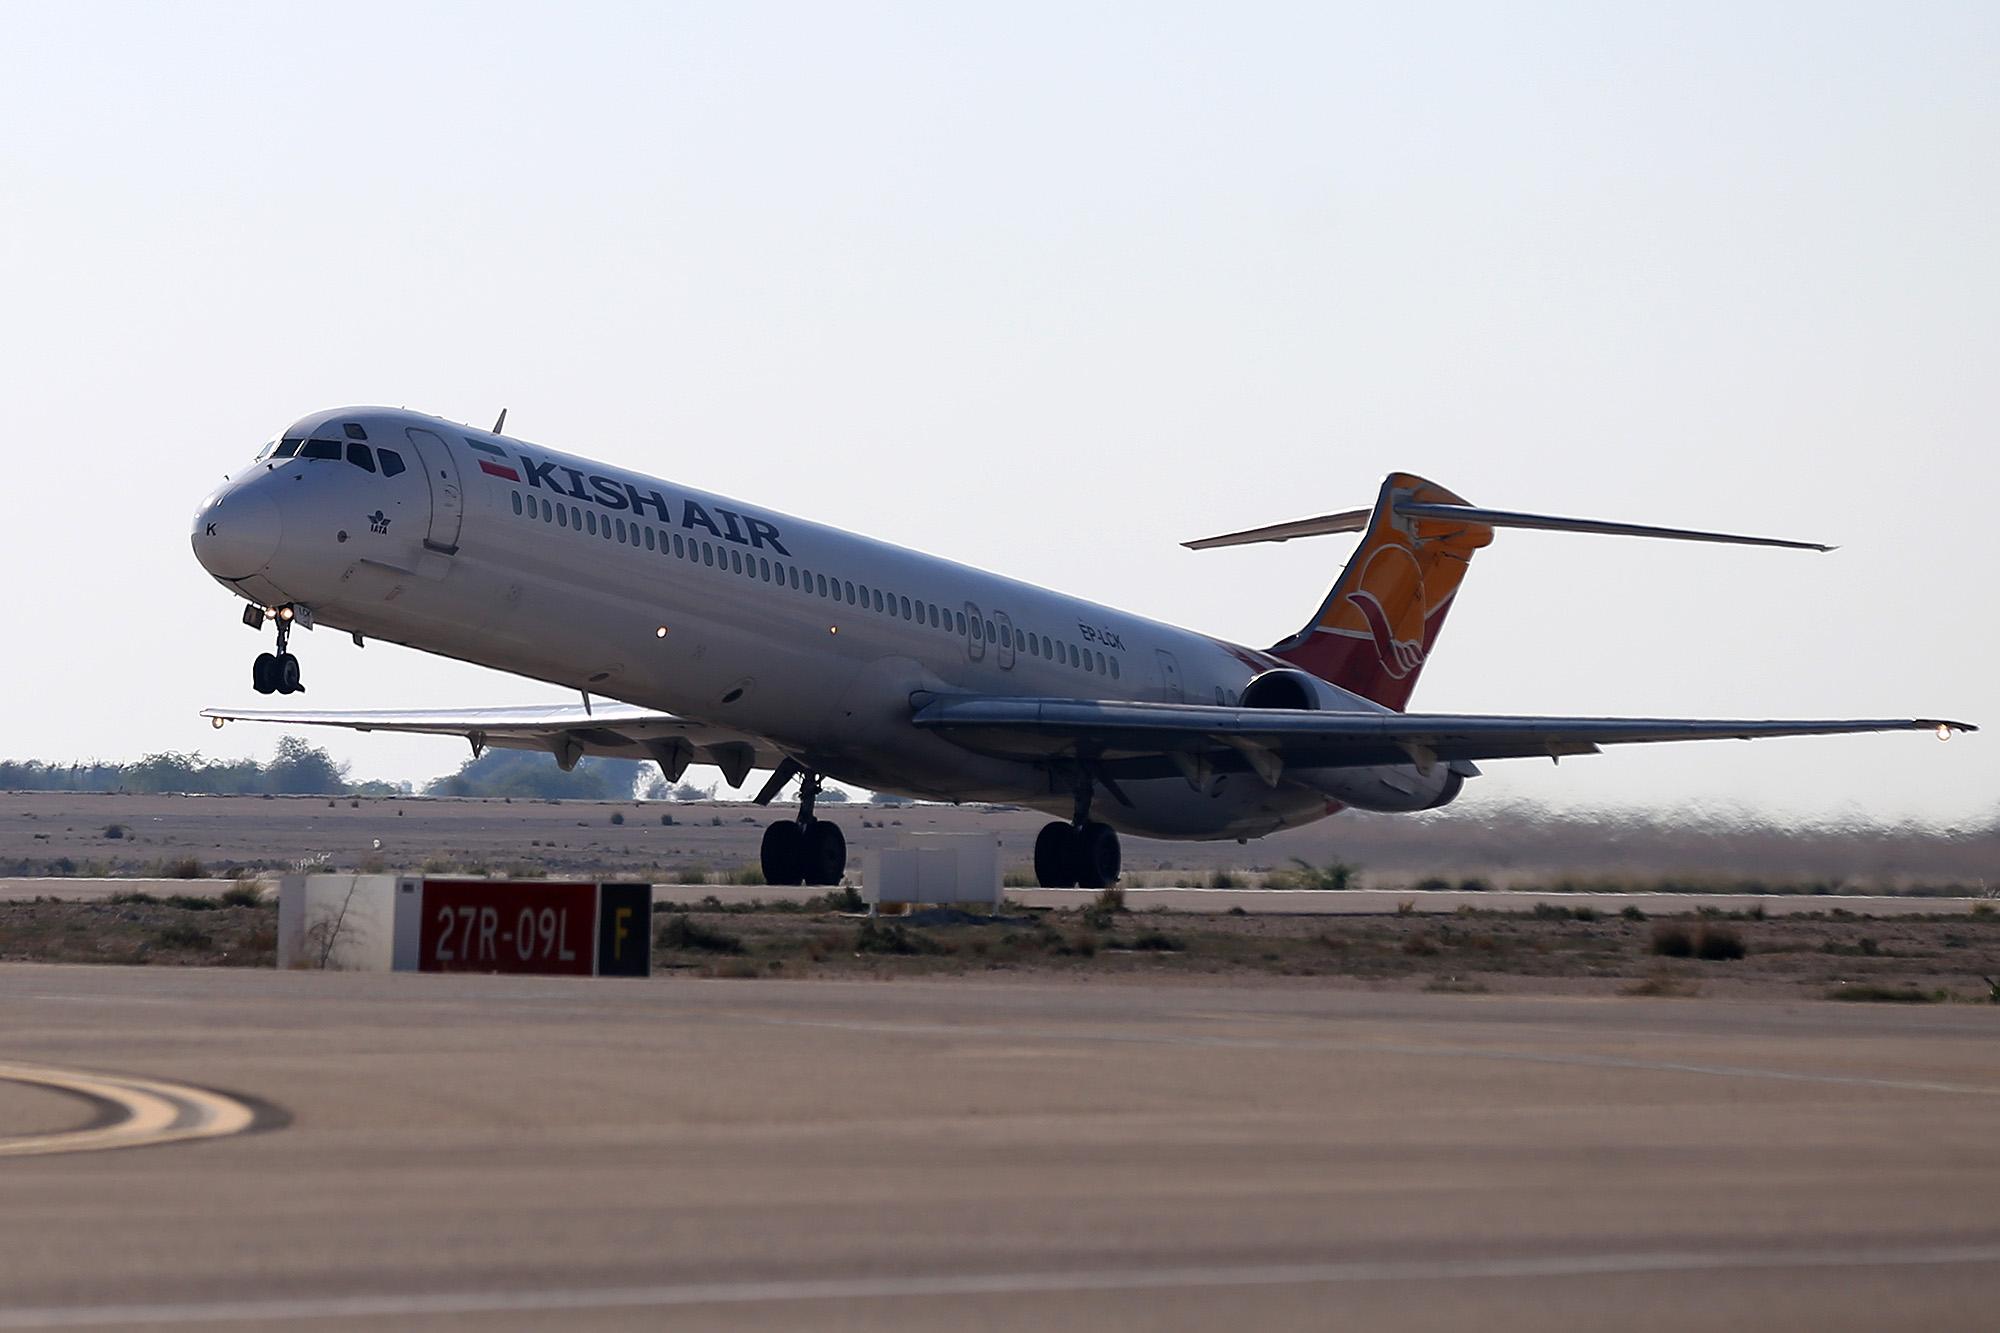 برقراری دومین پرواز فوق العاده شرکت هواپیمایی کیش